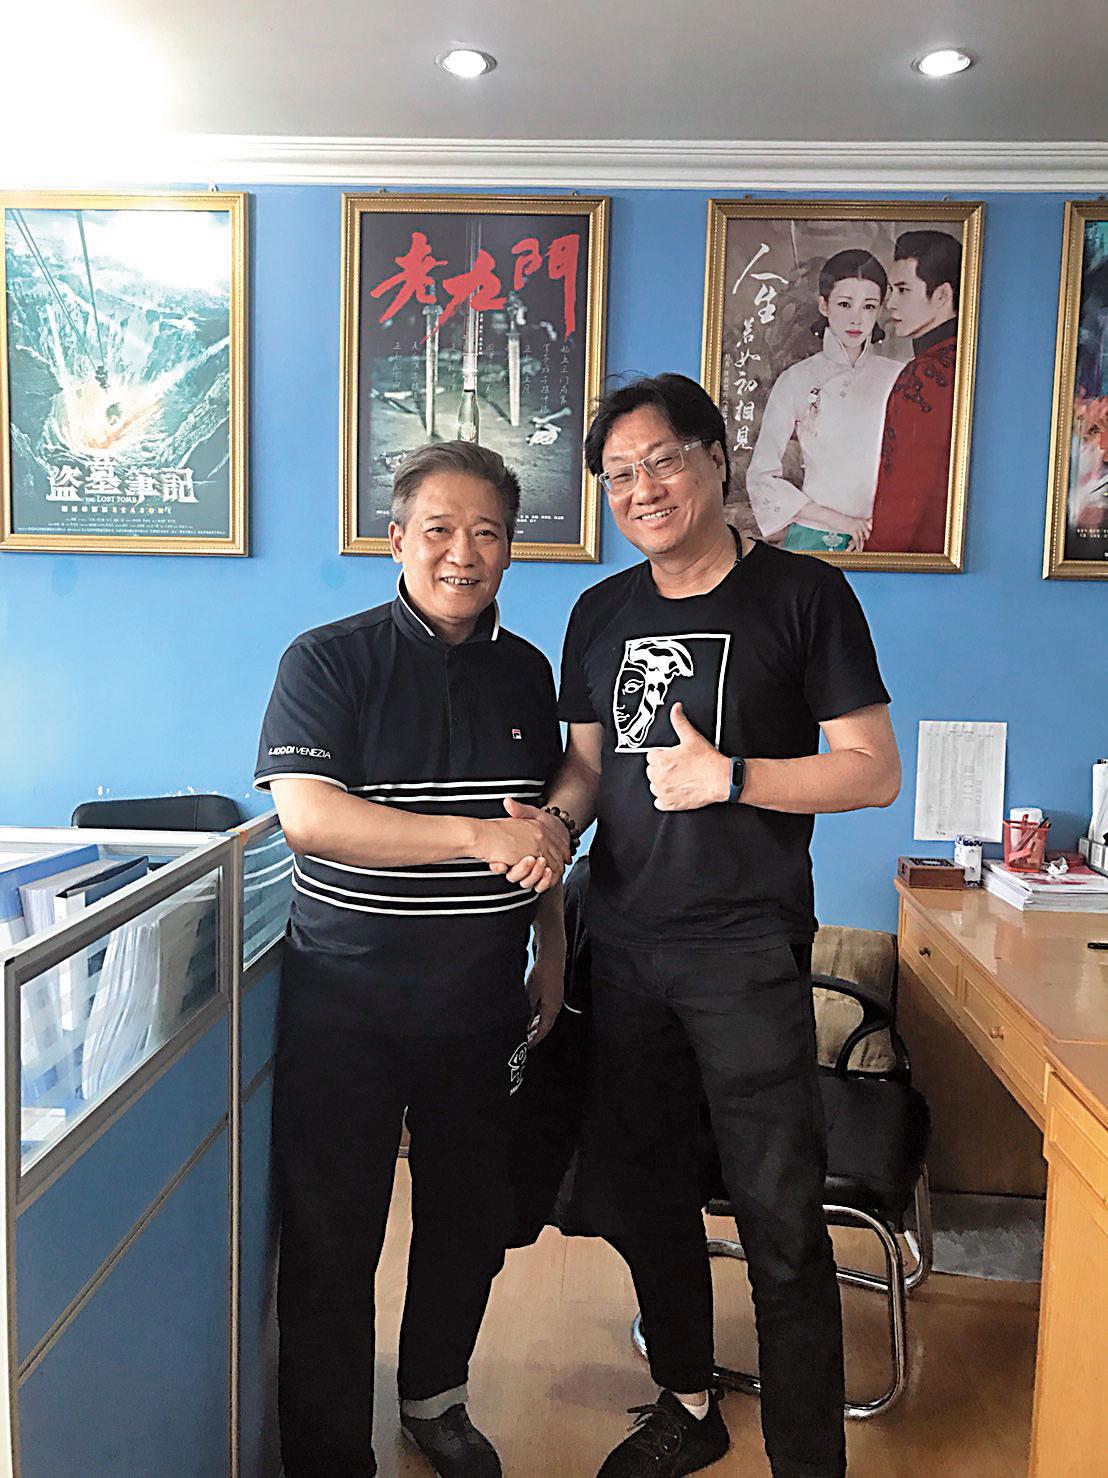 羅法平與香港製作人林國華因合作電視劇《飛刀又見飛刀》磨練出革命情感,2人名利雙收。 右圖為《飛刀》衍生商品。